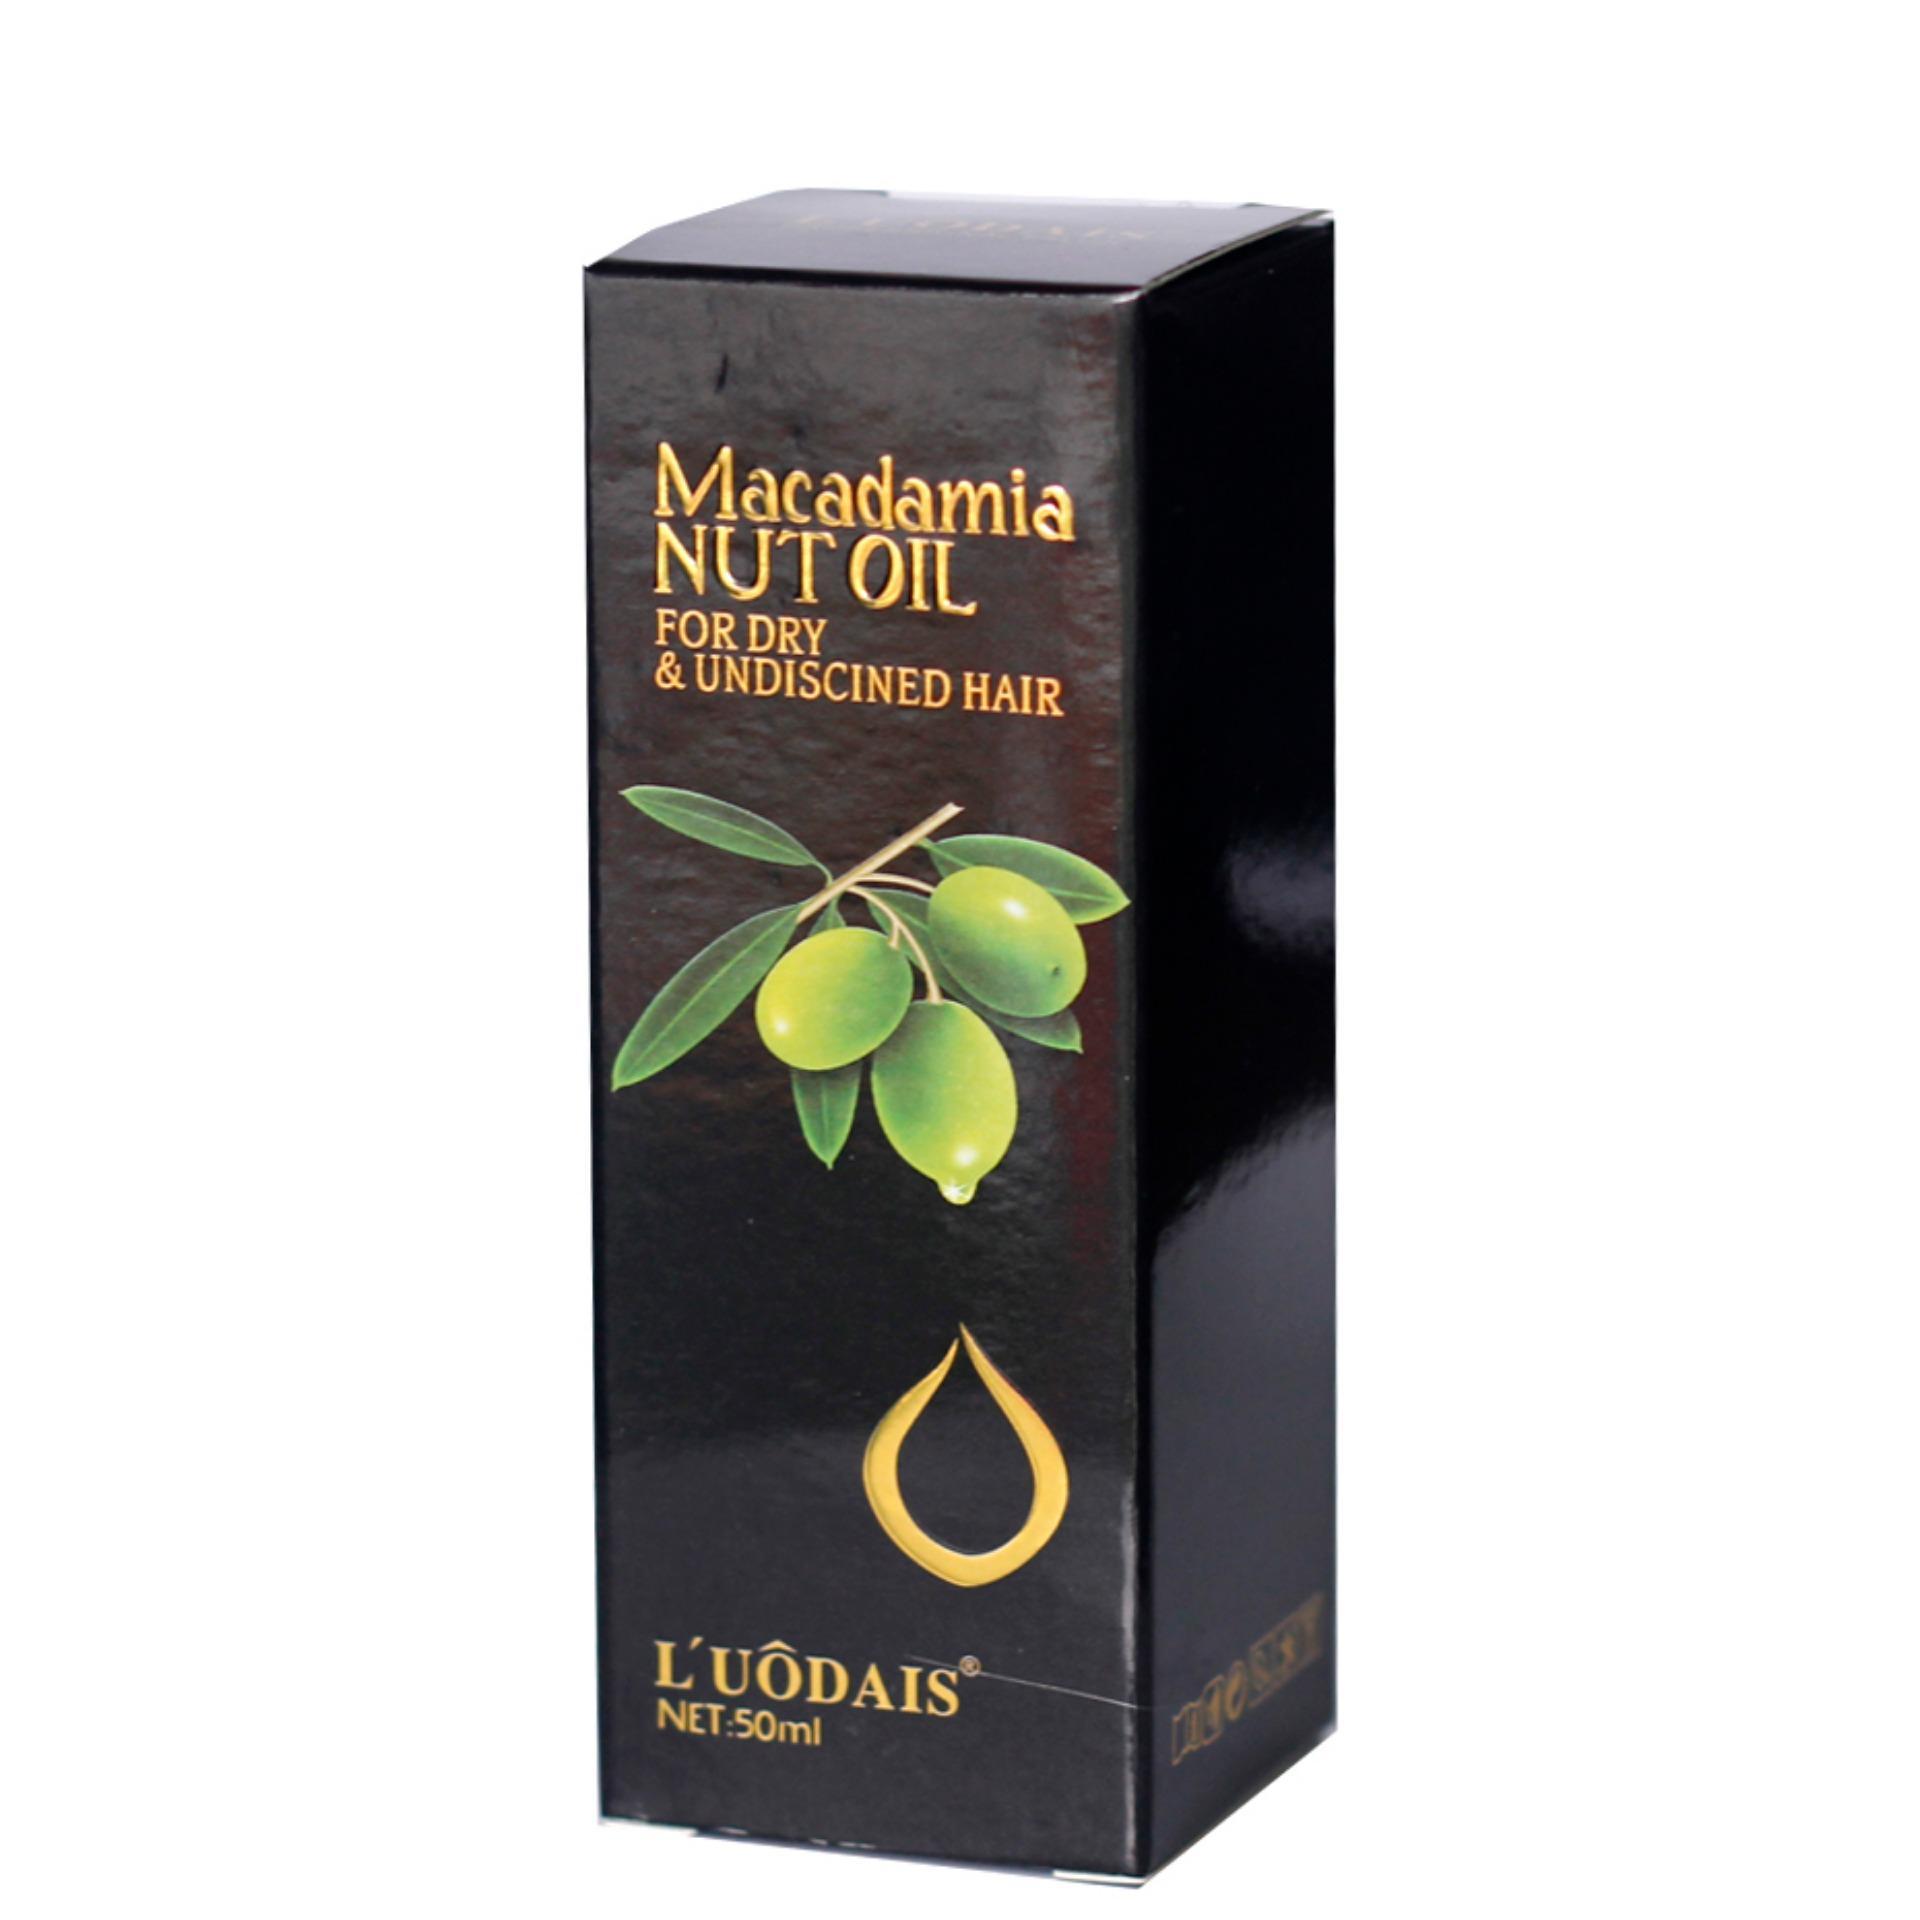 Tinh dầu dưỡng tóc mềm mượt từ hạt Macca nguyên chất (50ml) tốt nhất